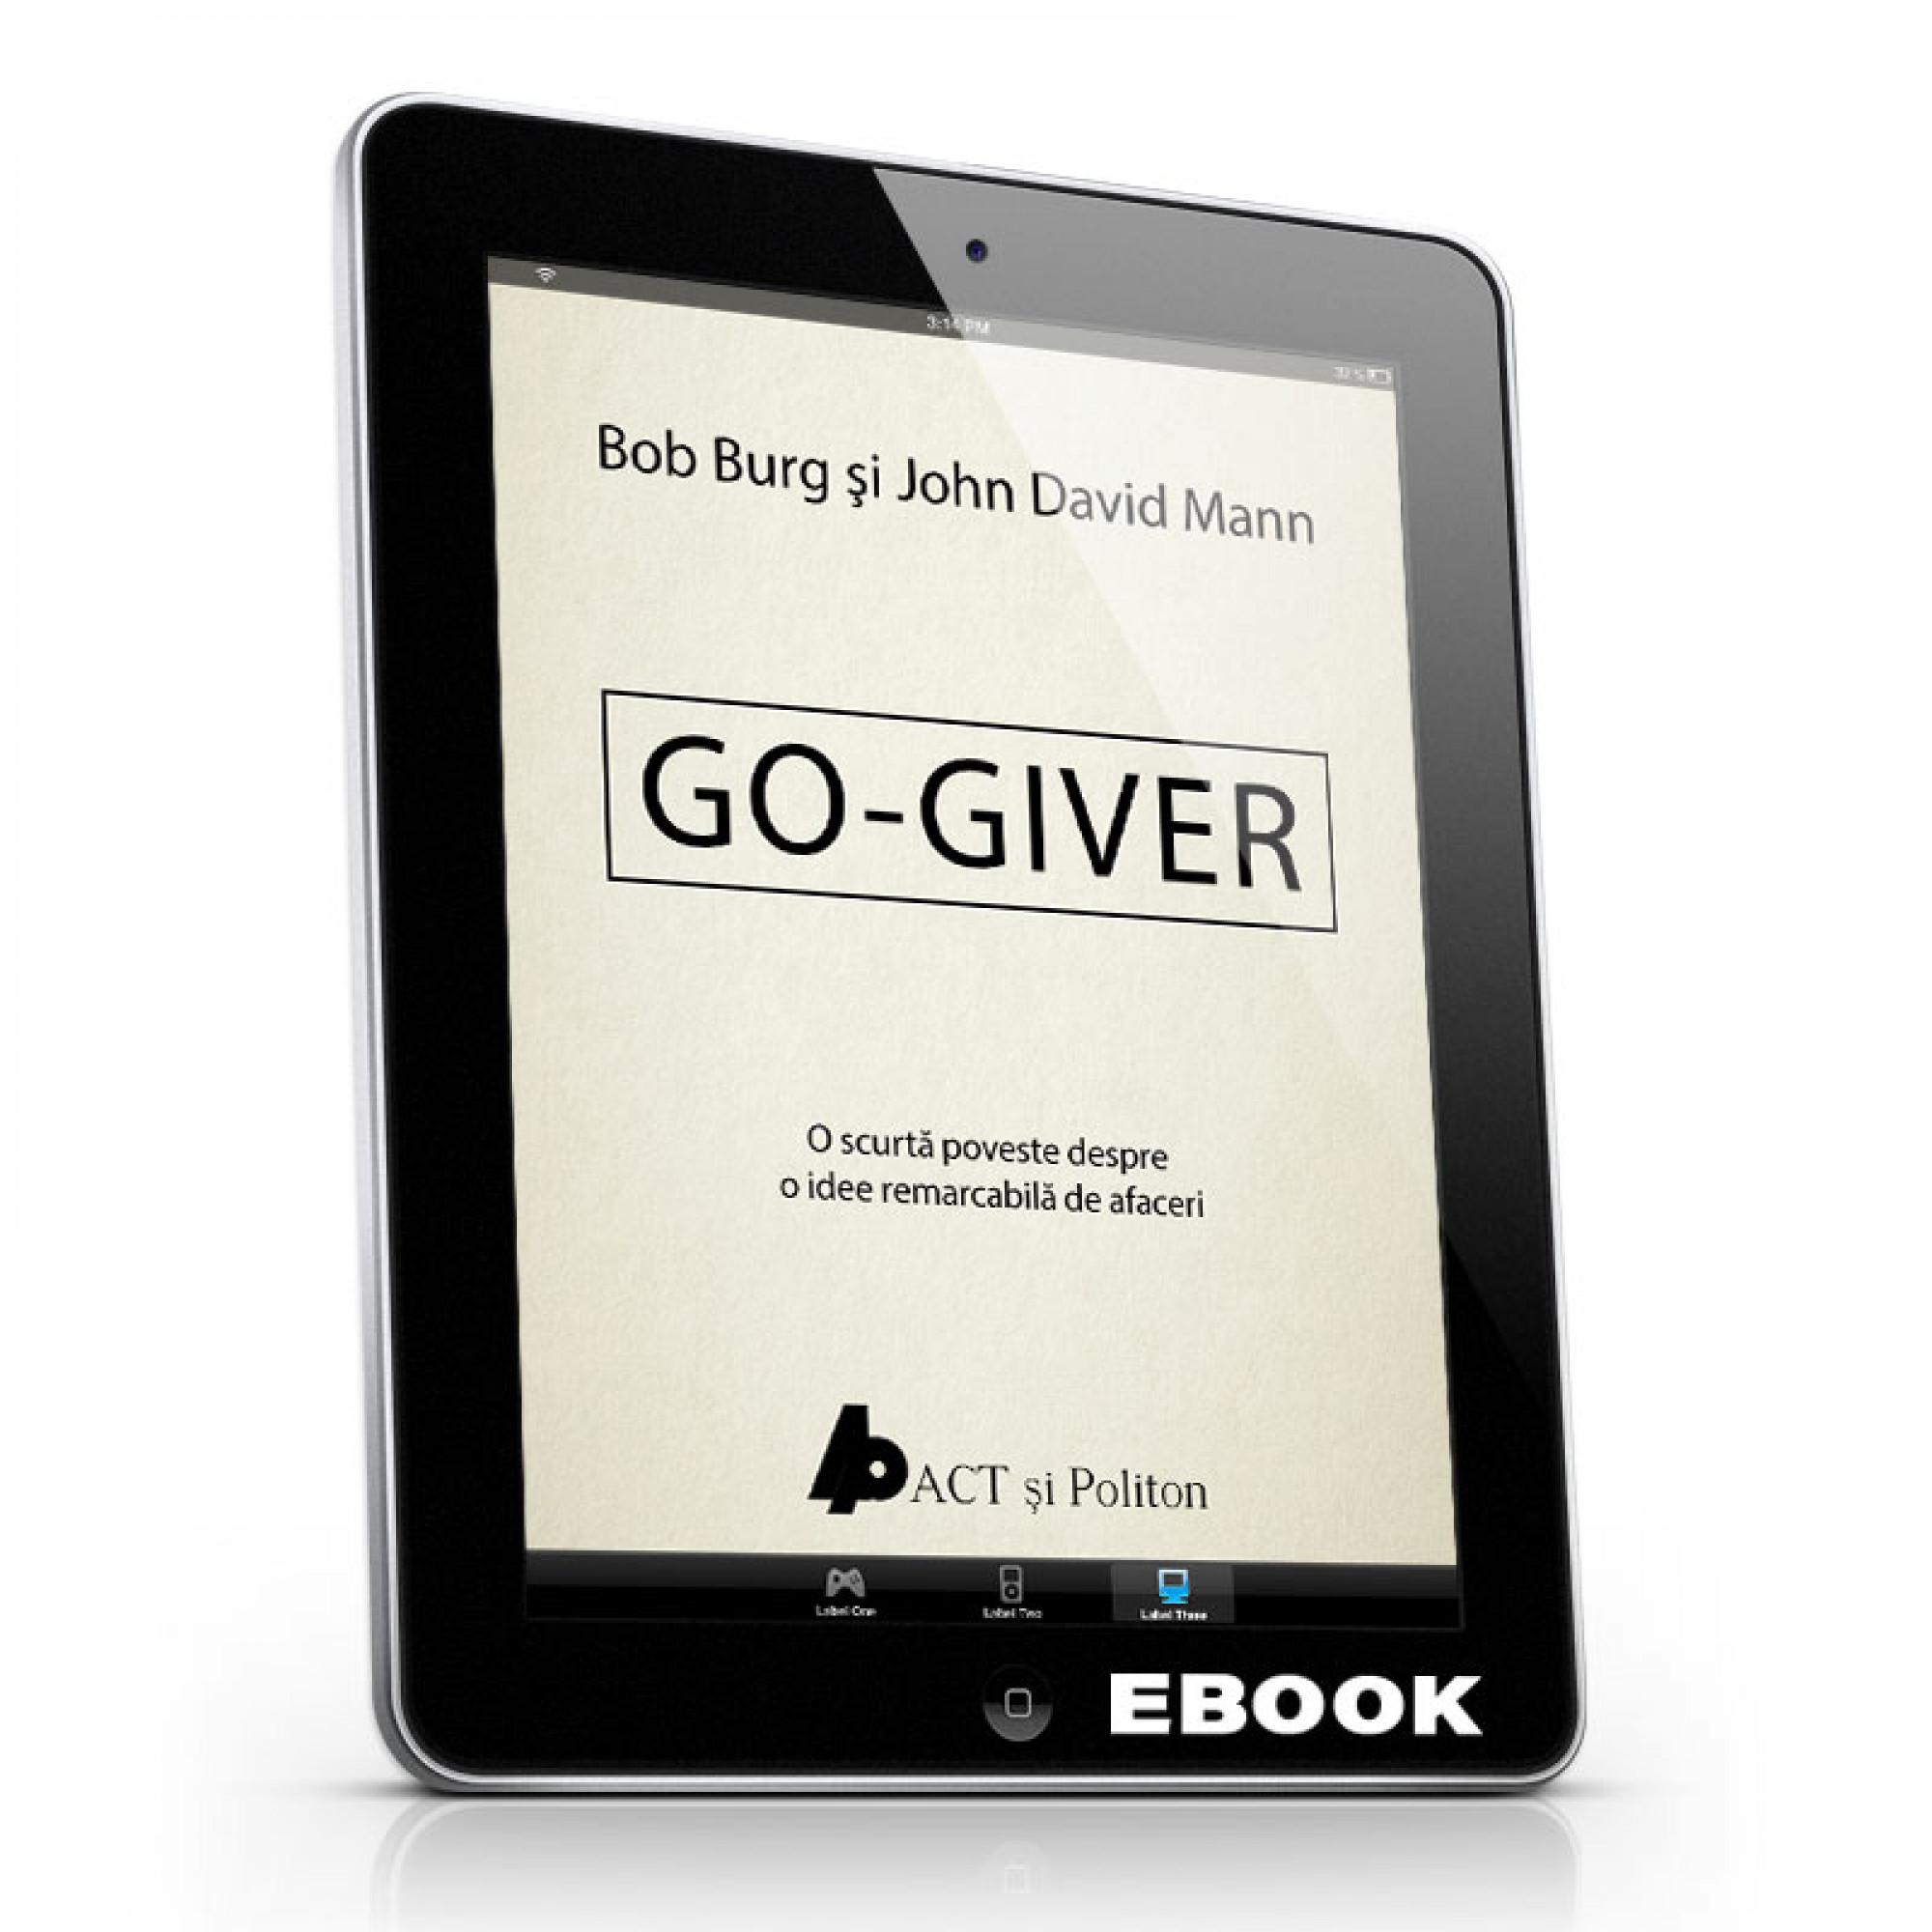 Go-giver. O scurtă poveste despre o idee remarcabilă de afaceri; Bob Burg și John David Mann